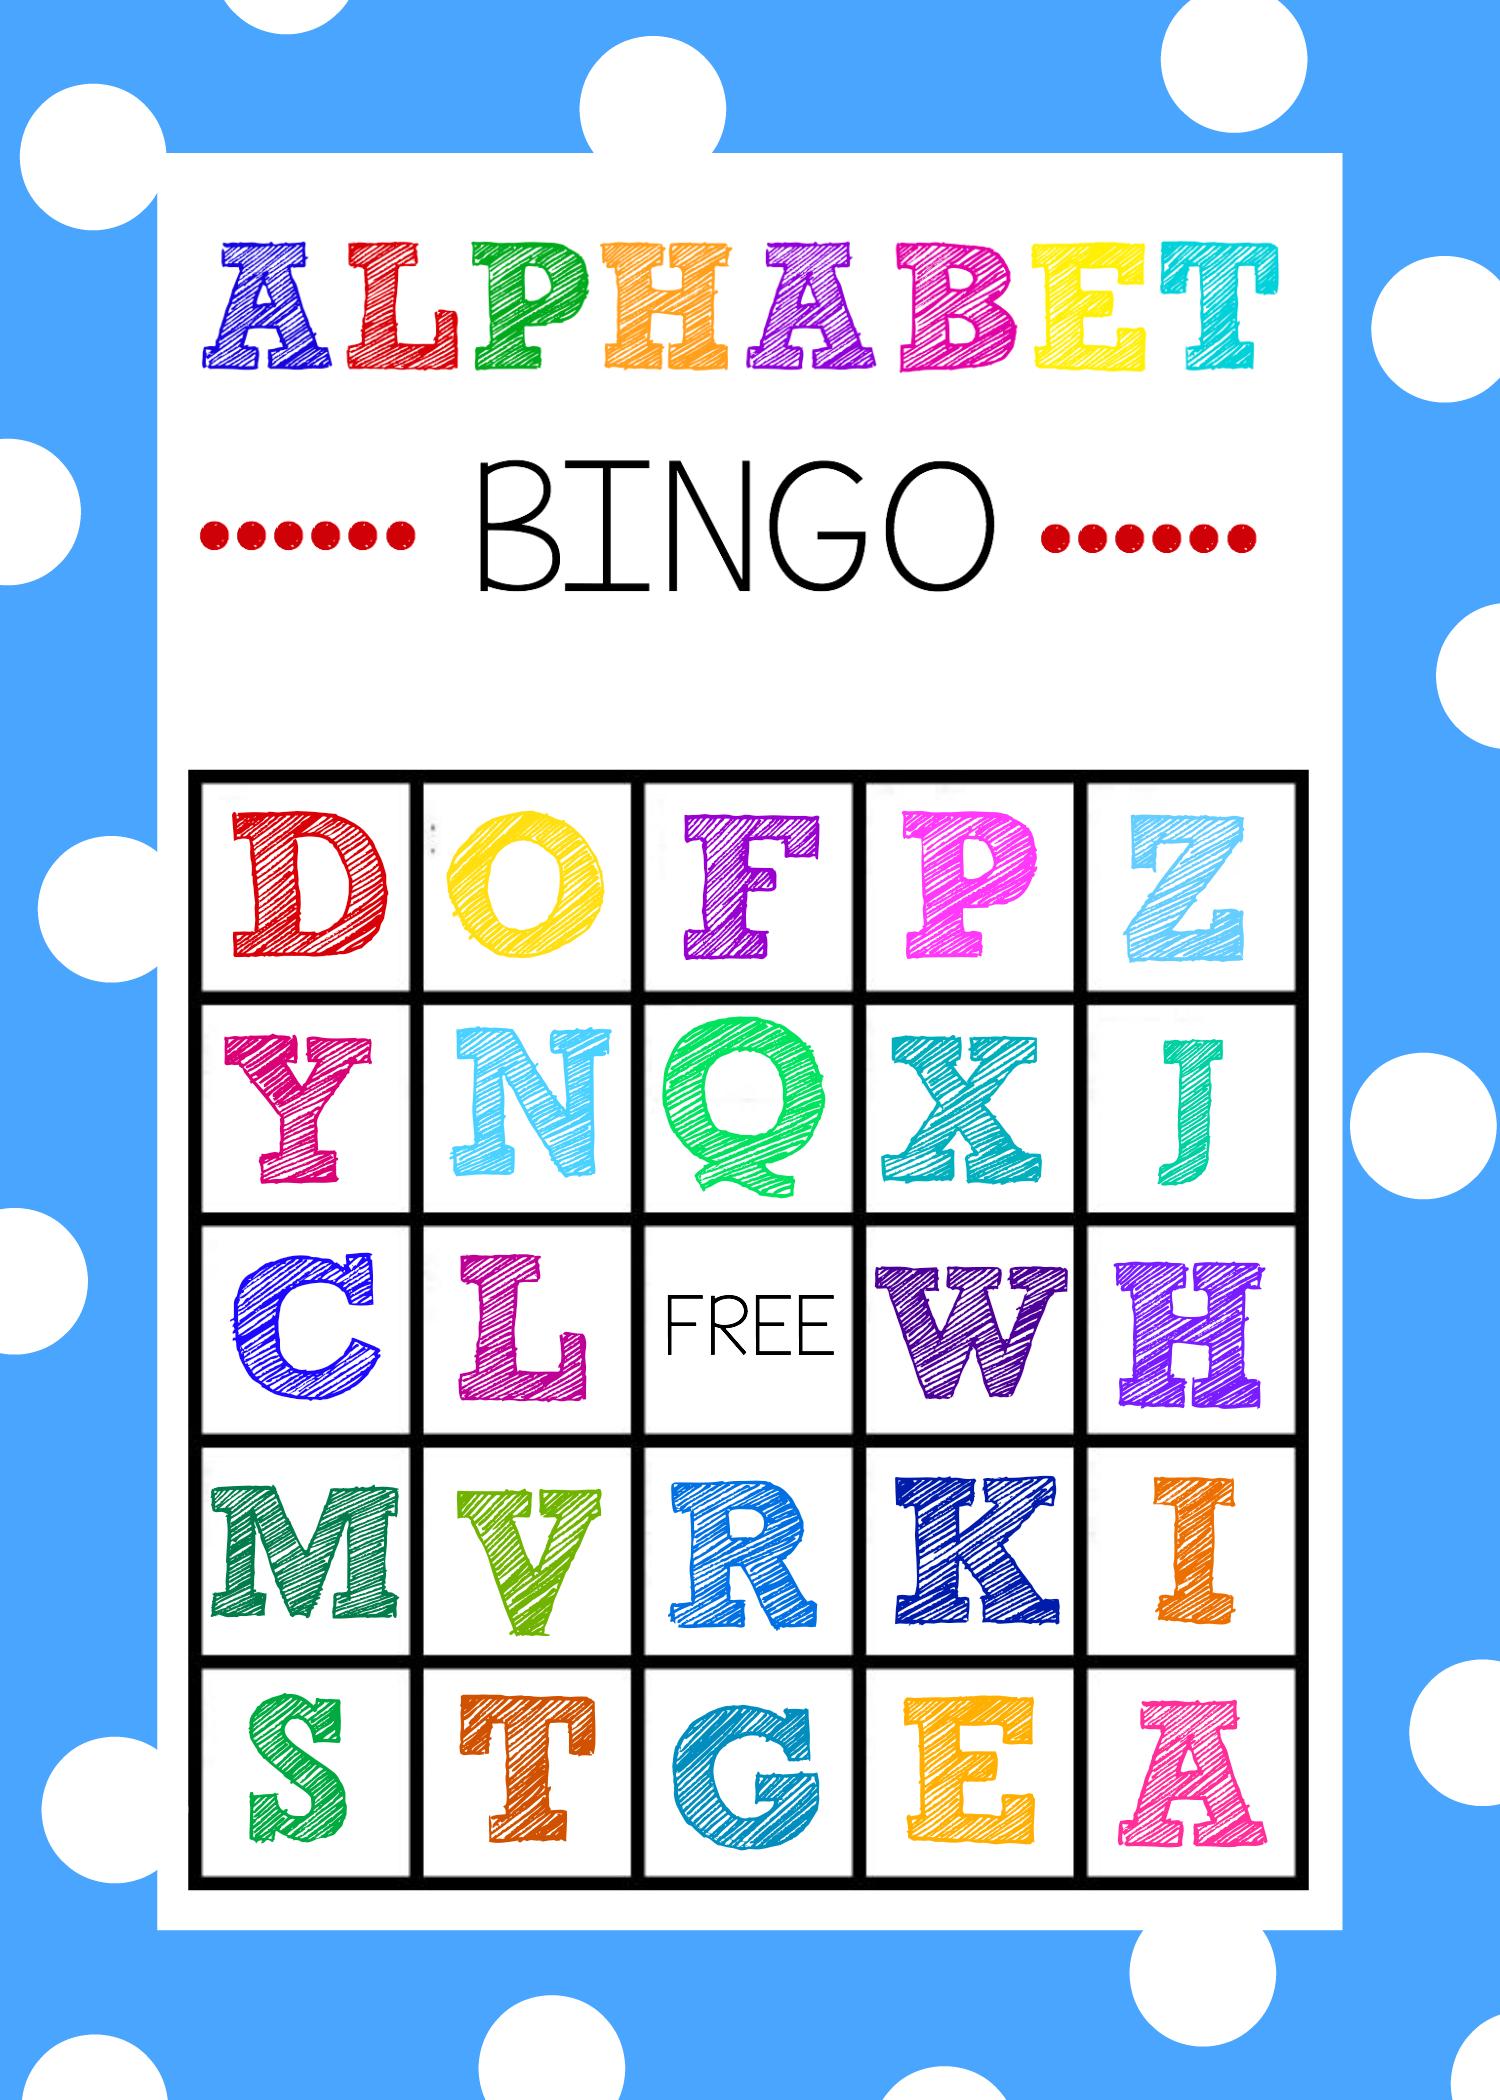 Free Printable Alphabet Bingo Game - Free Printable Alphabet Board Games